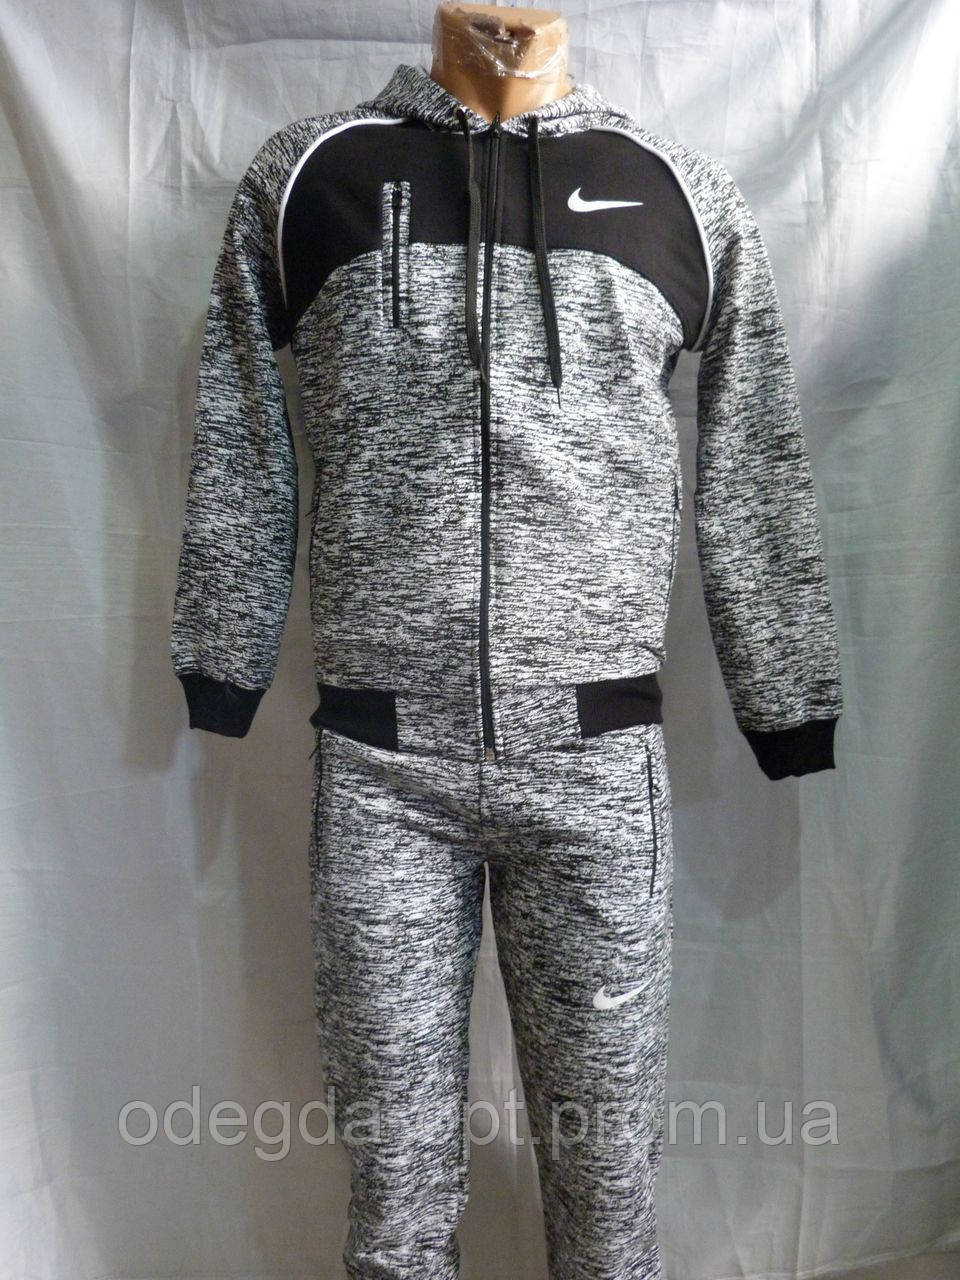 Мужской спортивный костюм 36-42 NIKE купить оптом в Украине модные модели 7км